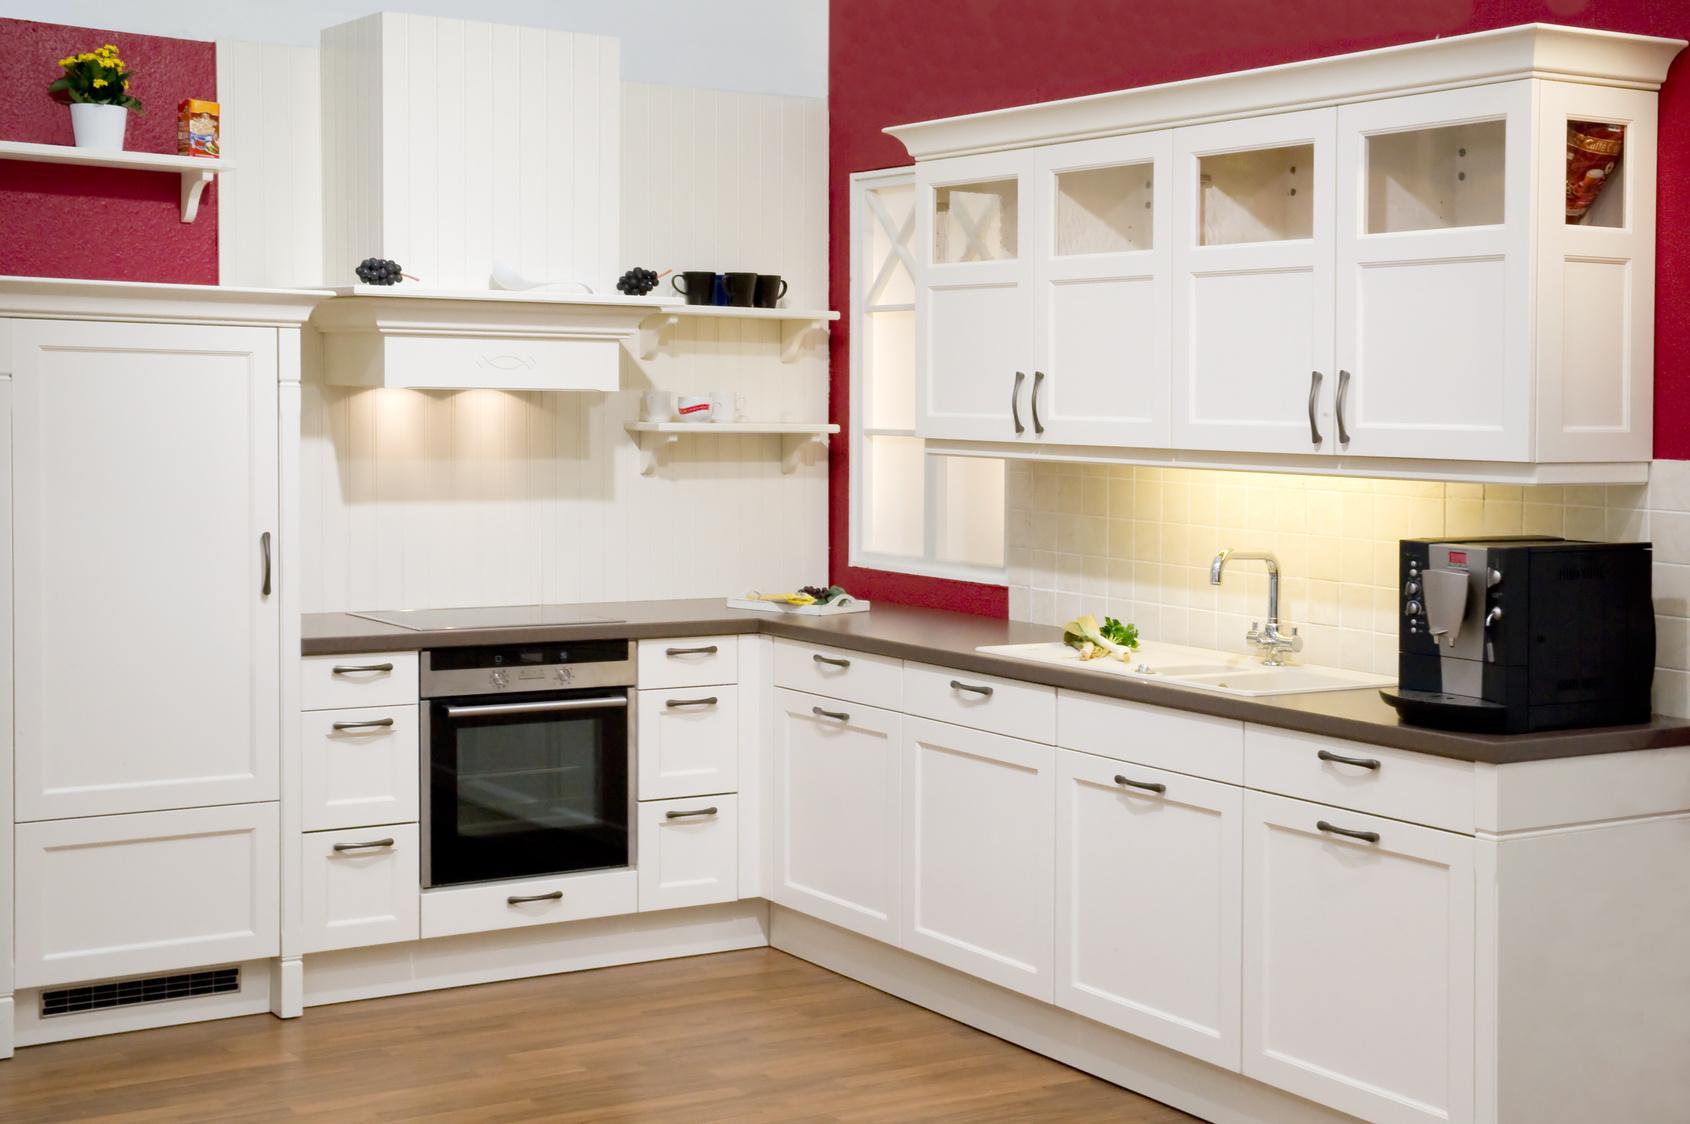 Full Size of Moderne Einbauküche Küche Gebrauchte Einbauküche